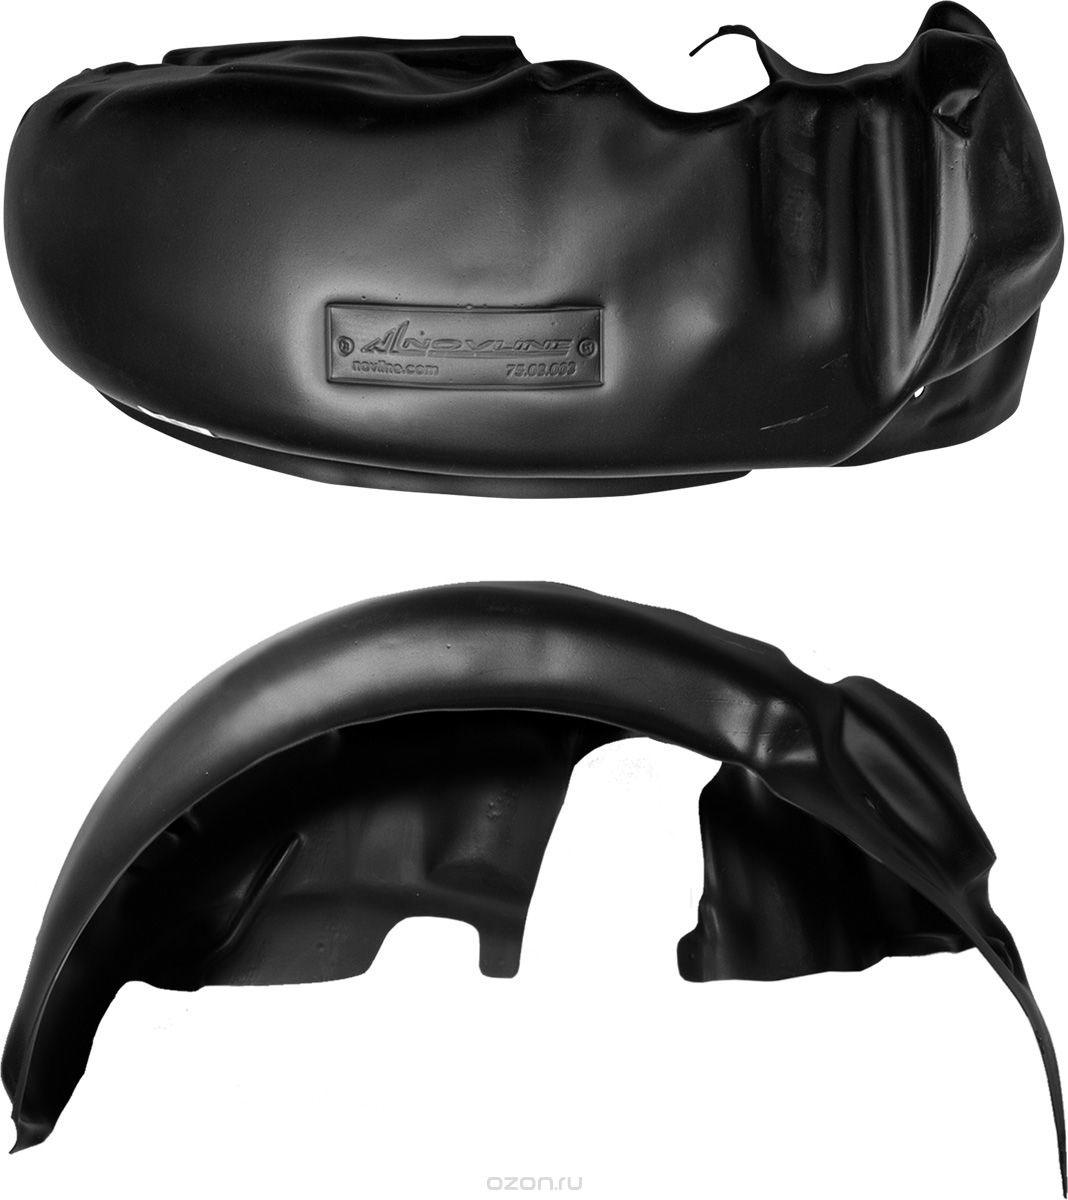 Подкрылок Novline-Autofamily, для Renault Kaptur, 04/2016->, передний левыйNLL.41.43.001Идеальная защита колесной ниши. Локеры разработаны с применением цифровых технологий, гарантируют максимальную повторяемость поверхности арки. Изделия устанавливаются без нарушения лакокрасочного покрытия автомобиля, каждый подкрылок комплектуется крепежом. Уважаемые клиенты, обращаем ваше внимание, что фотографии на подкрылки универсальные и не отражают реальную форму изделия. При этом само изделие идет точно под размер указанного автомобиля.